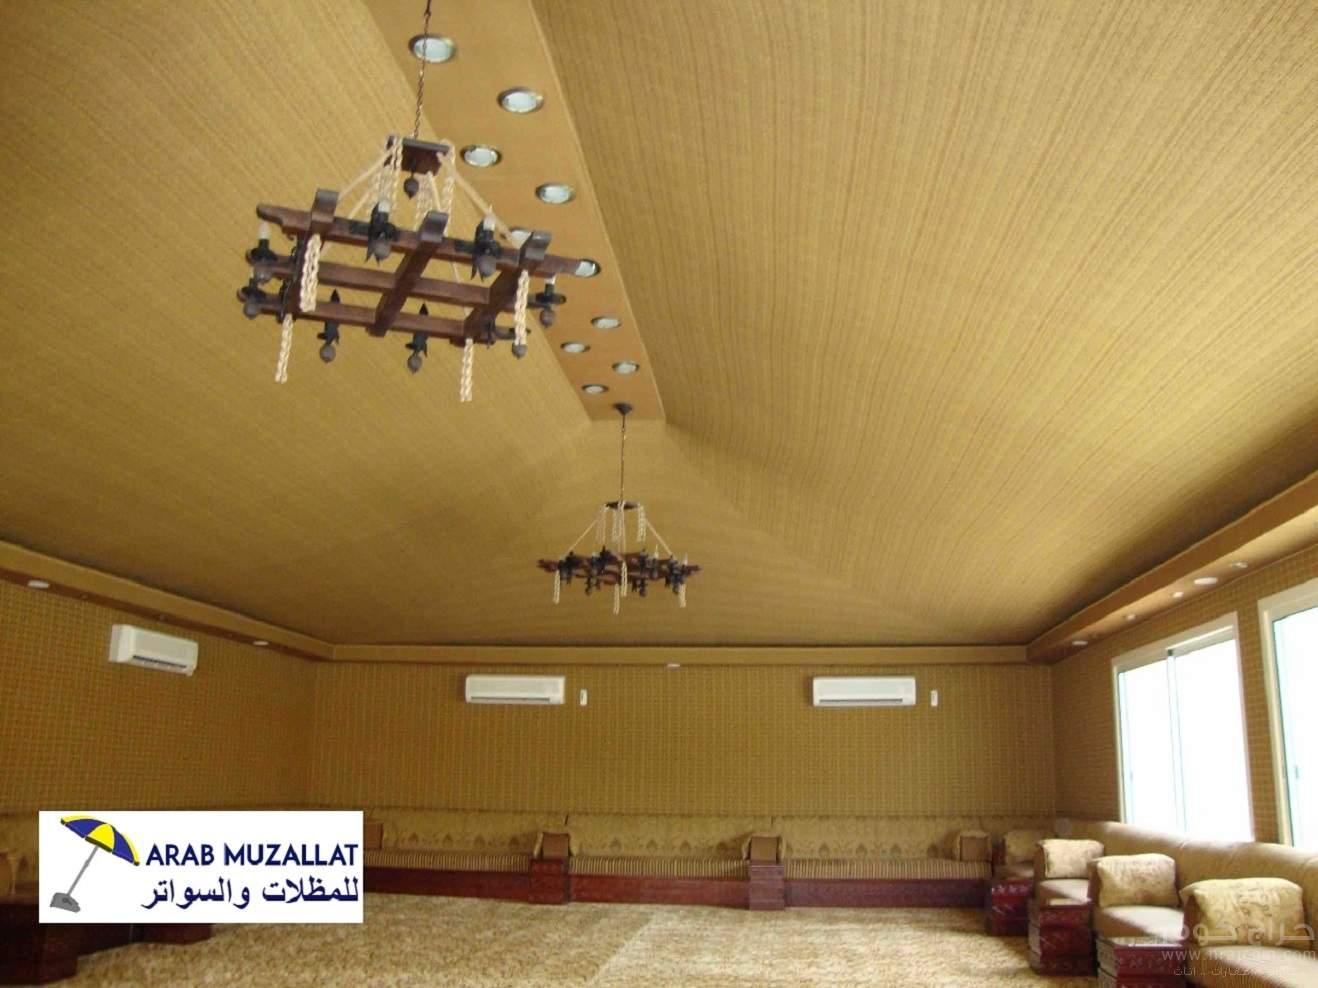 مظلات حدائق مظلات السيارات مظلات المدارس 00971547642570